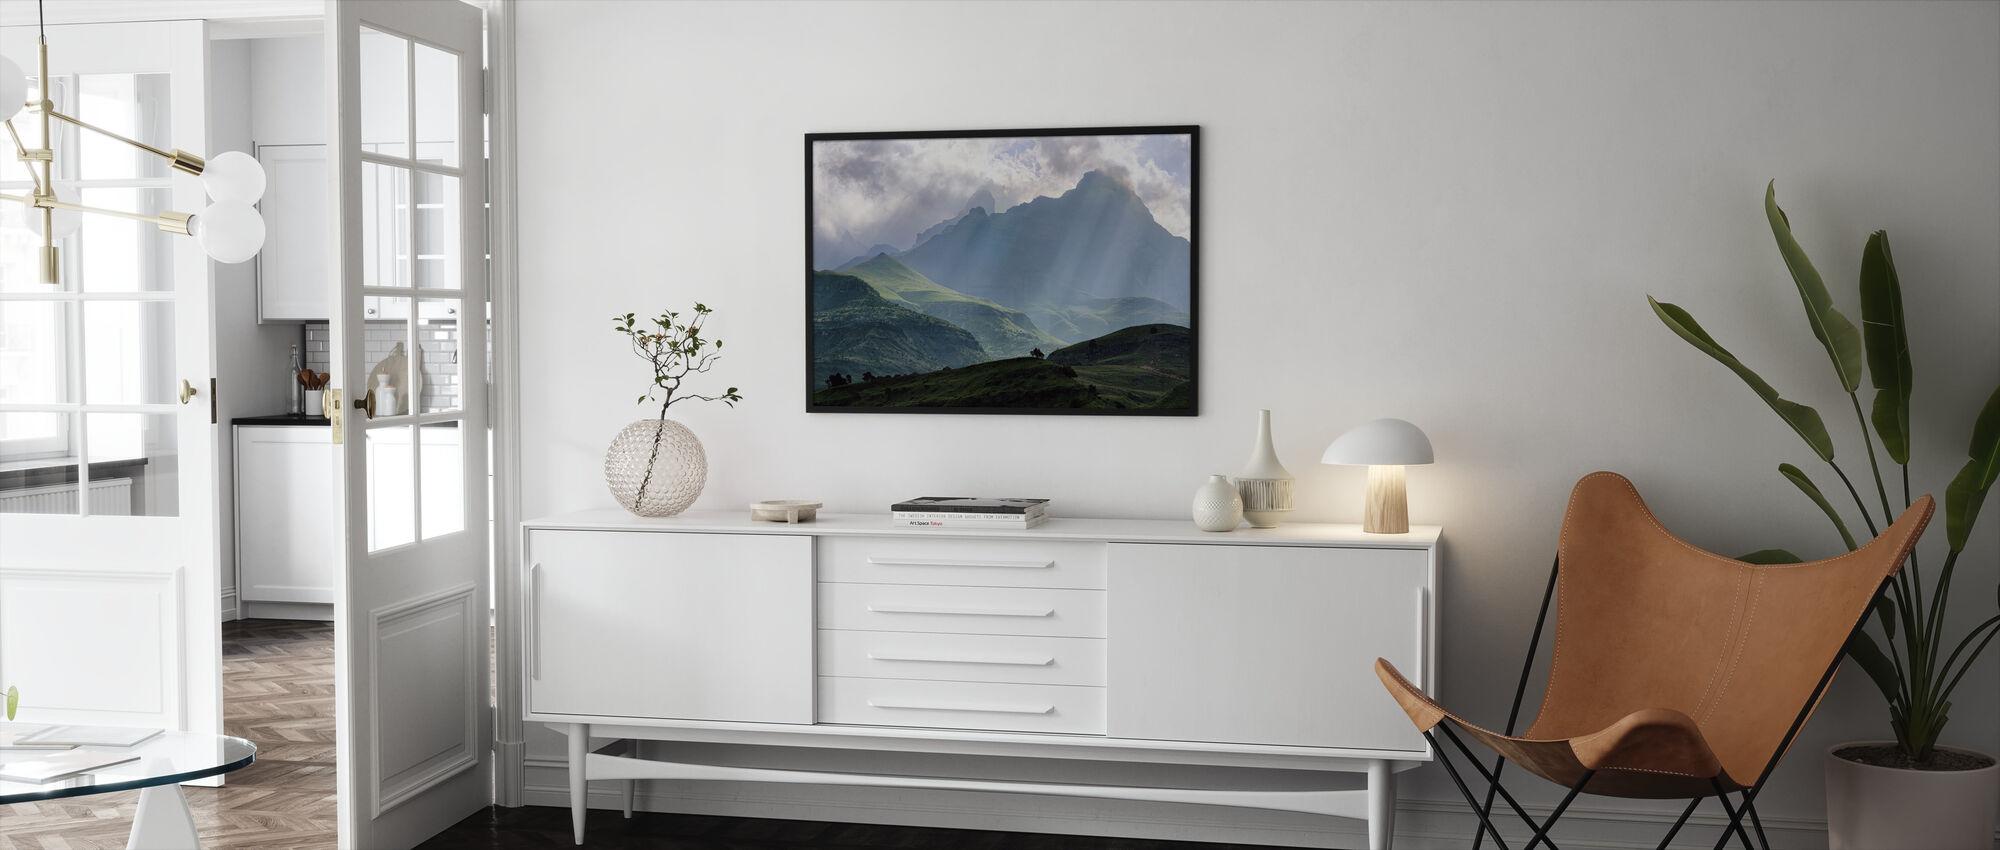 Mnweni Rays - Framed print - Living Room